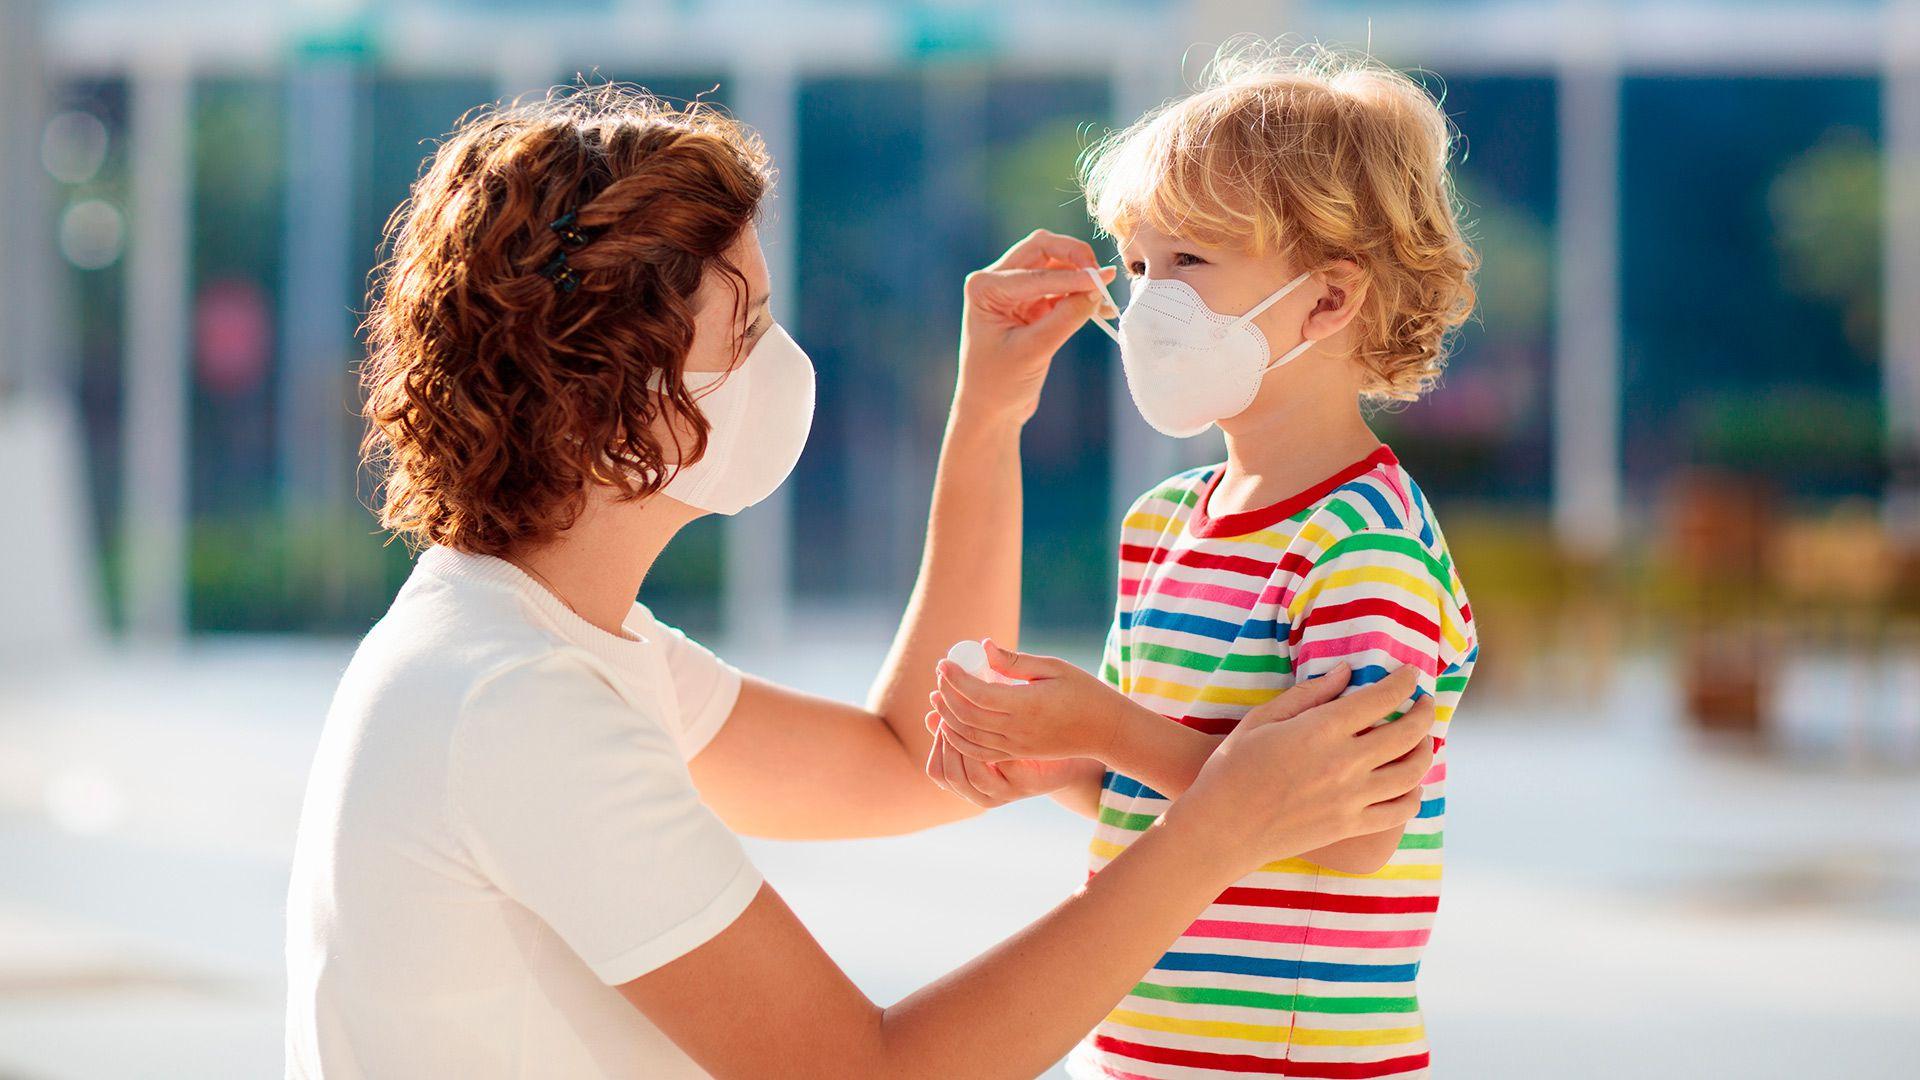 Se permitirán encuentros esenciales tanto para niños como para adultos. (Shutterstock)